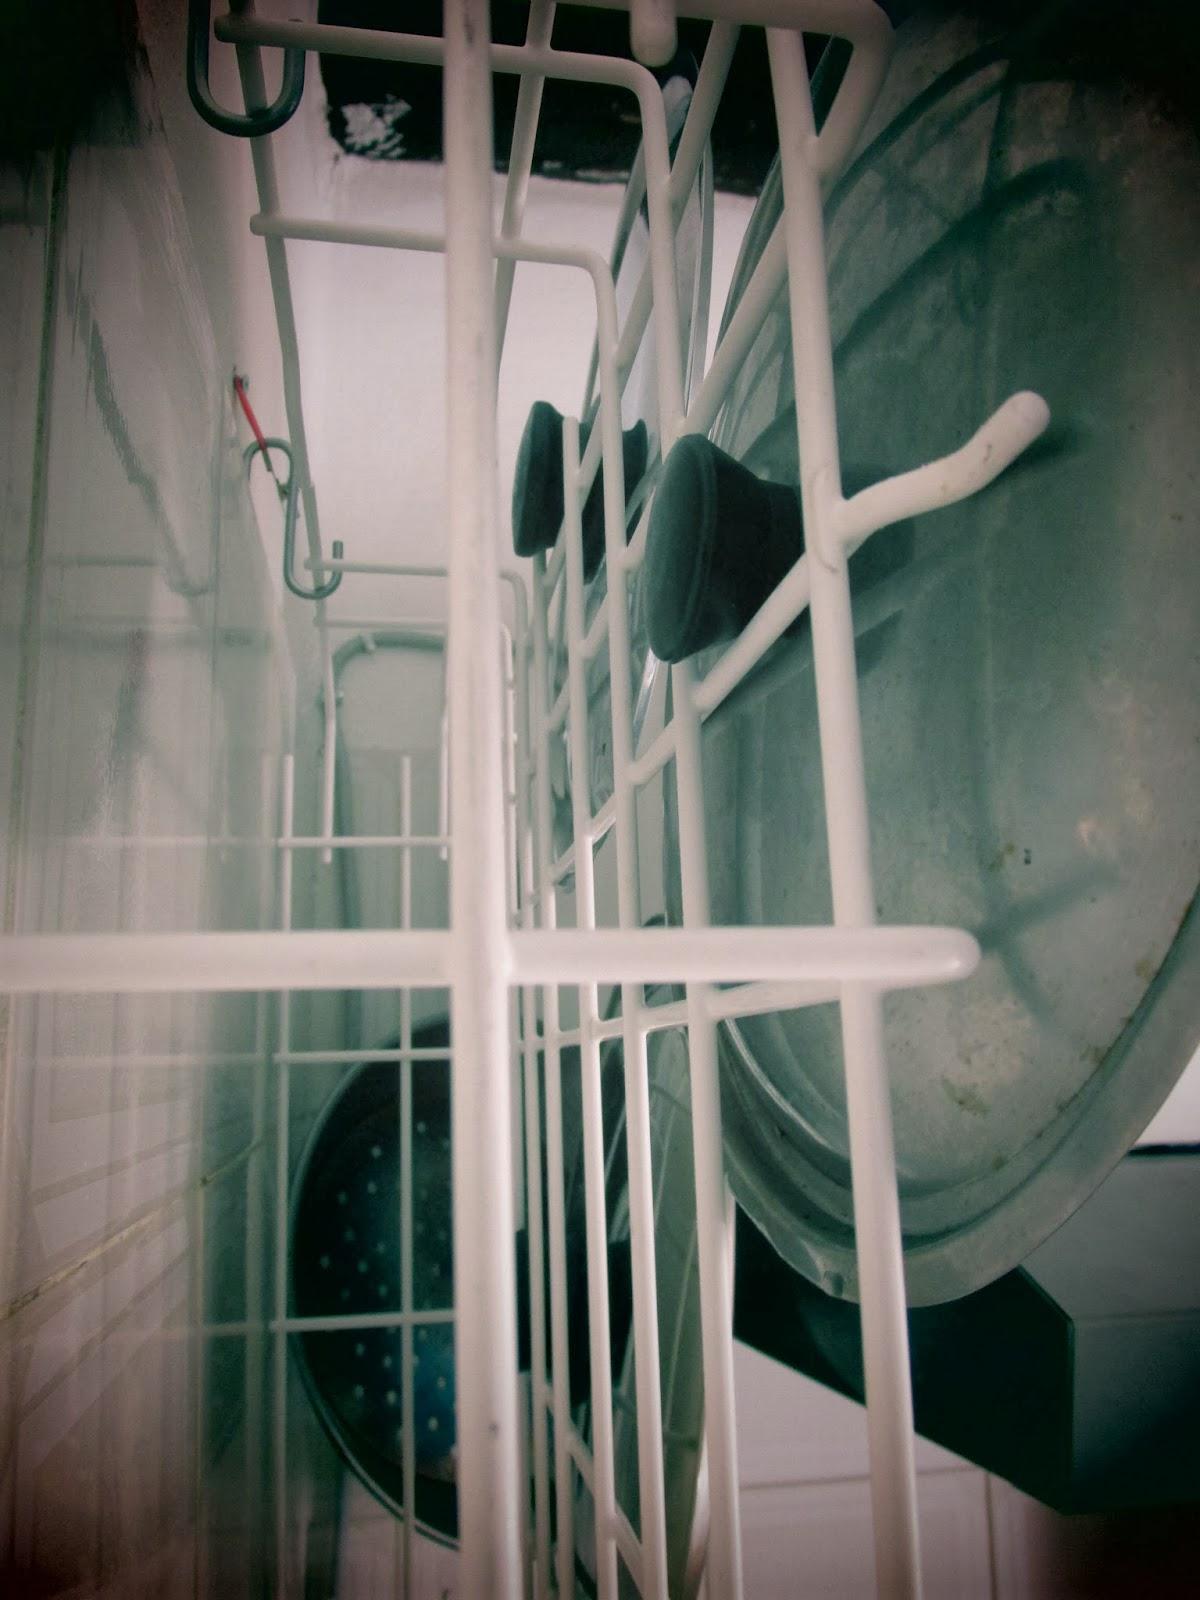 Lalize cestello lavastoviglie 2 - Porta coperchi da muro ...